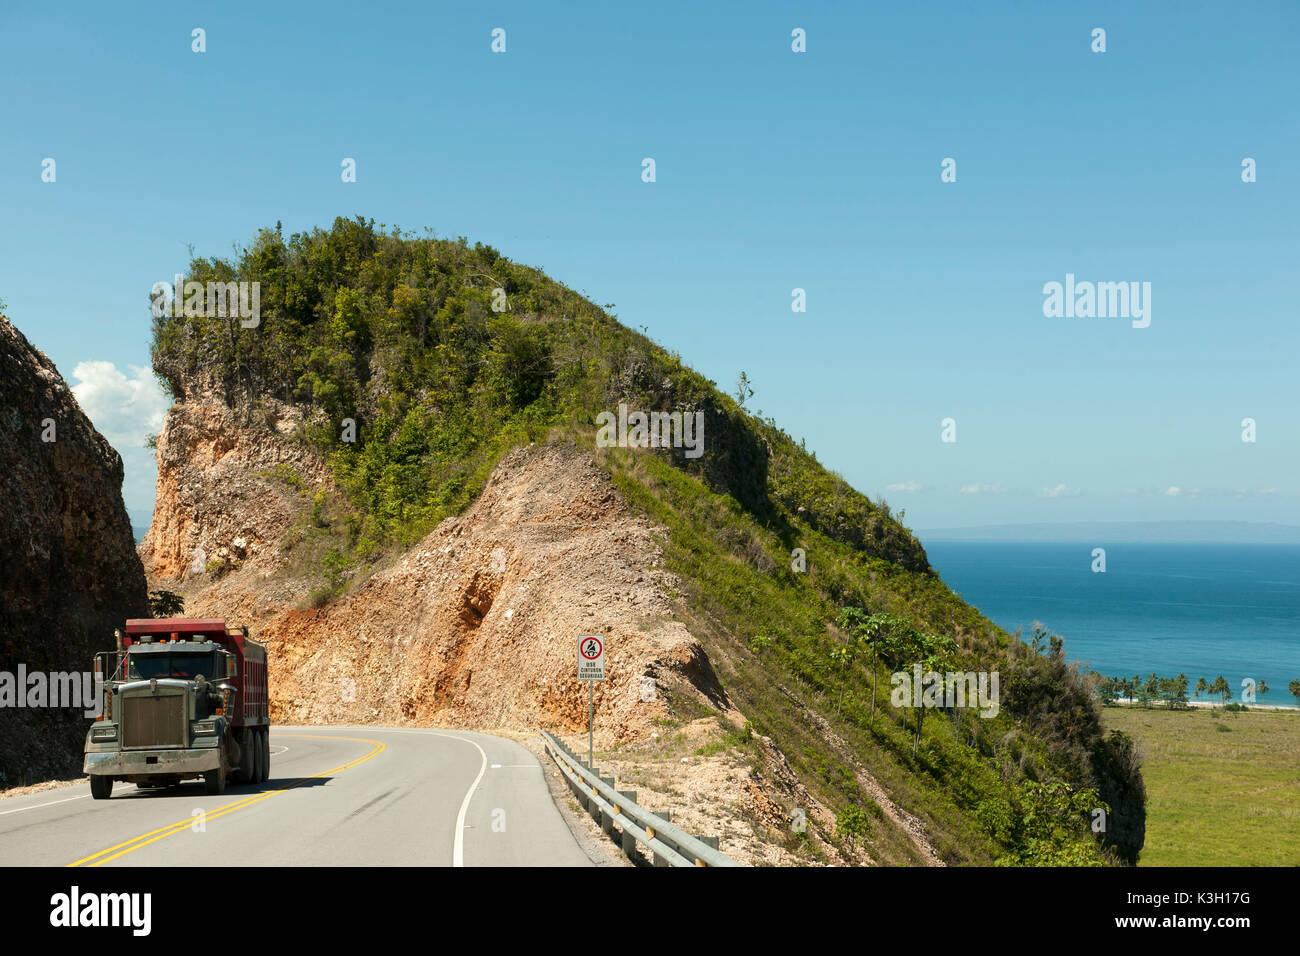 Die Dominikanische Republik, Halbinsel Samana, boulevard Turistico del Atlantico an der Nordküste zwischen Las Terrenas und der Flughafen von Samana Stockbild